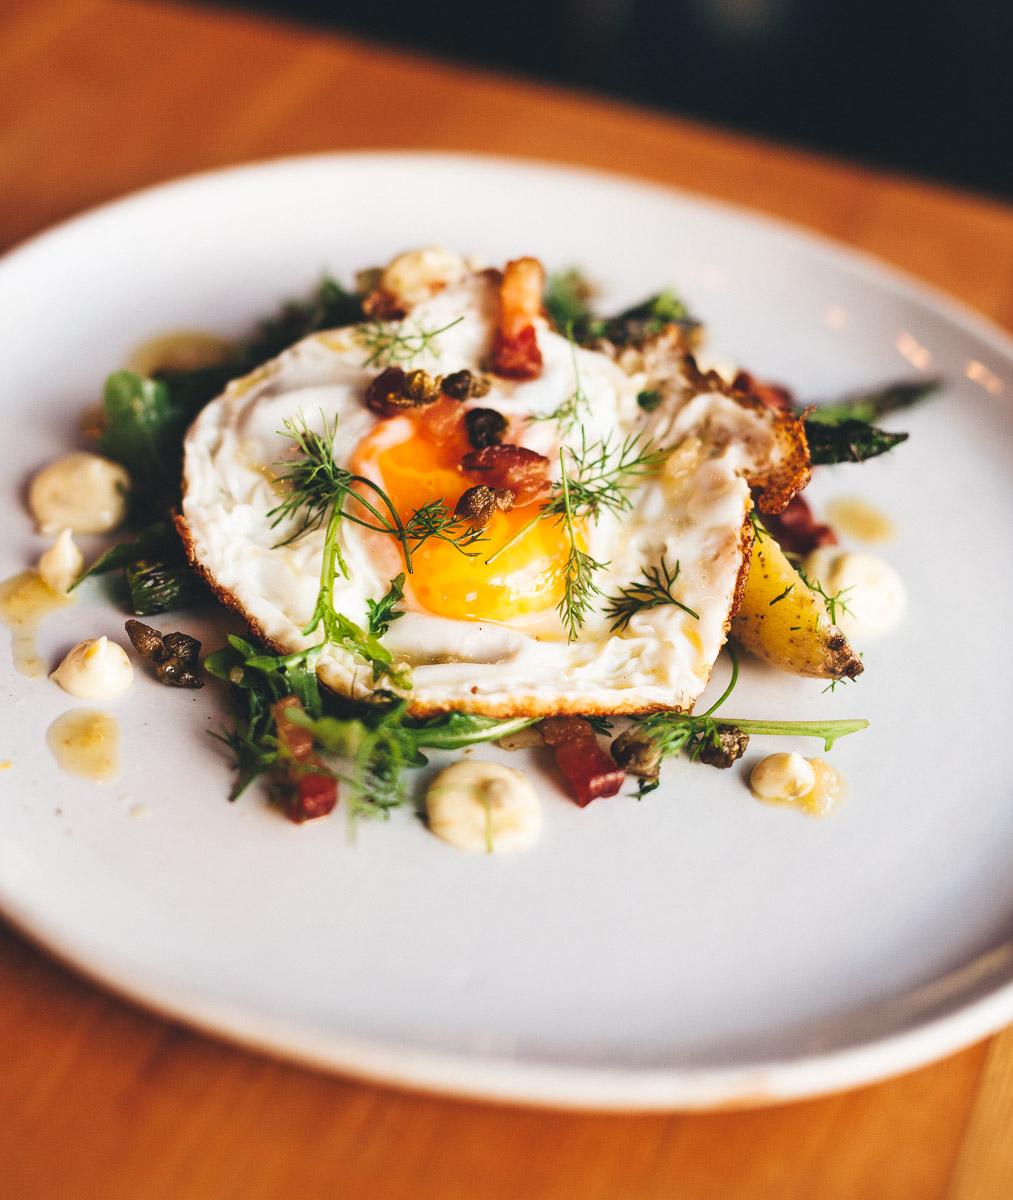 Saskatoon-0014-Quail-Egg-and-Asparagus-Ayden-Kitchen-And-Bar-Photography.jpg